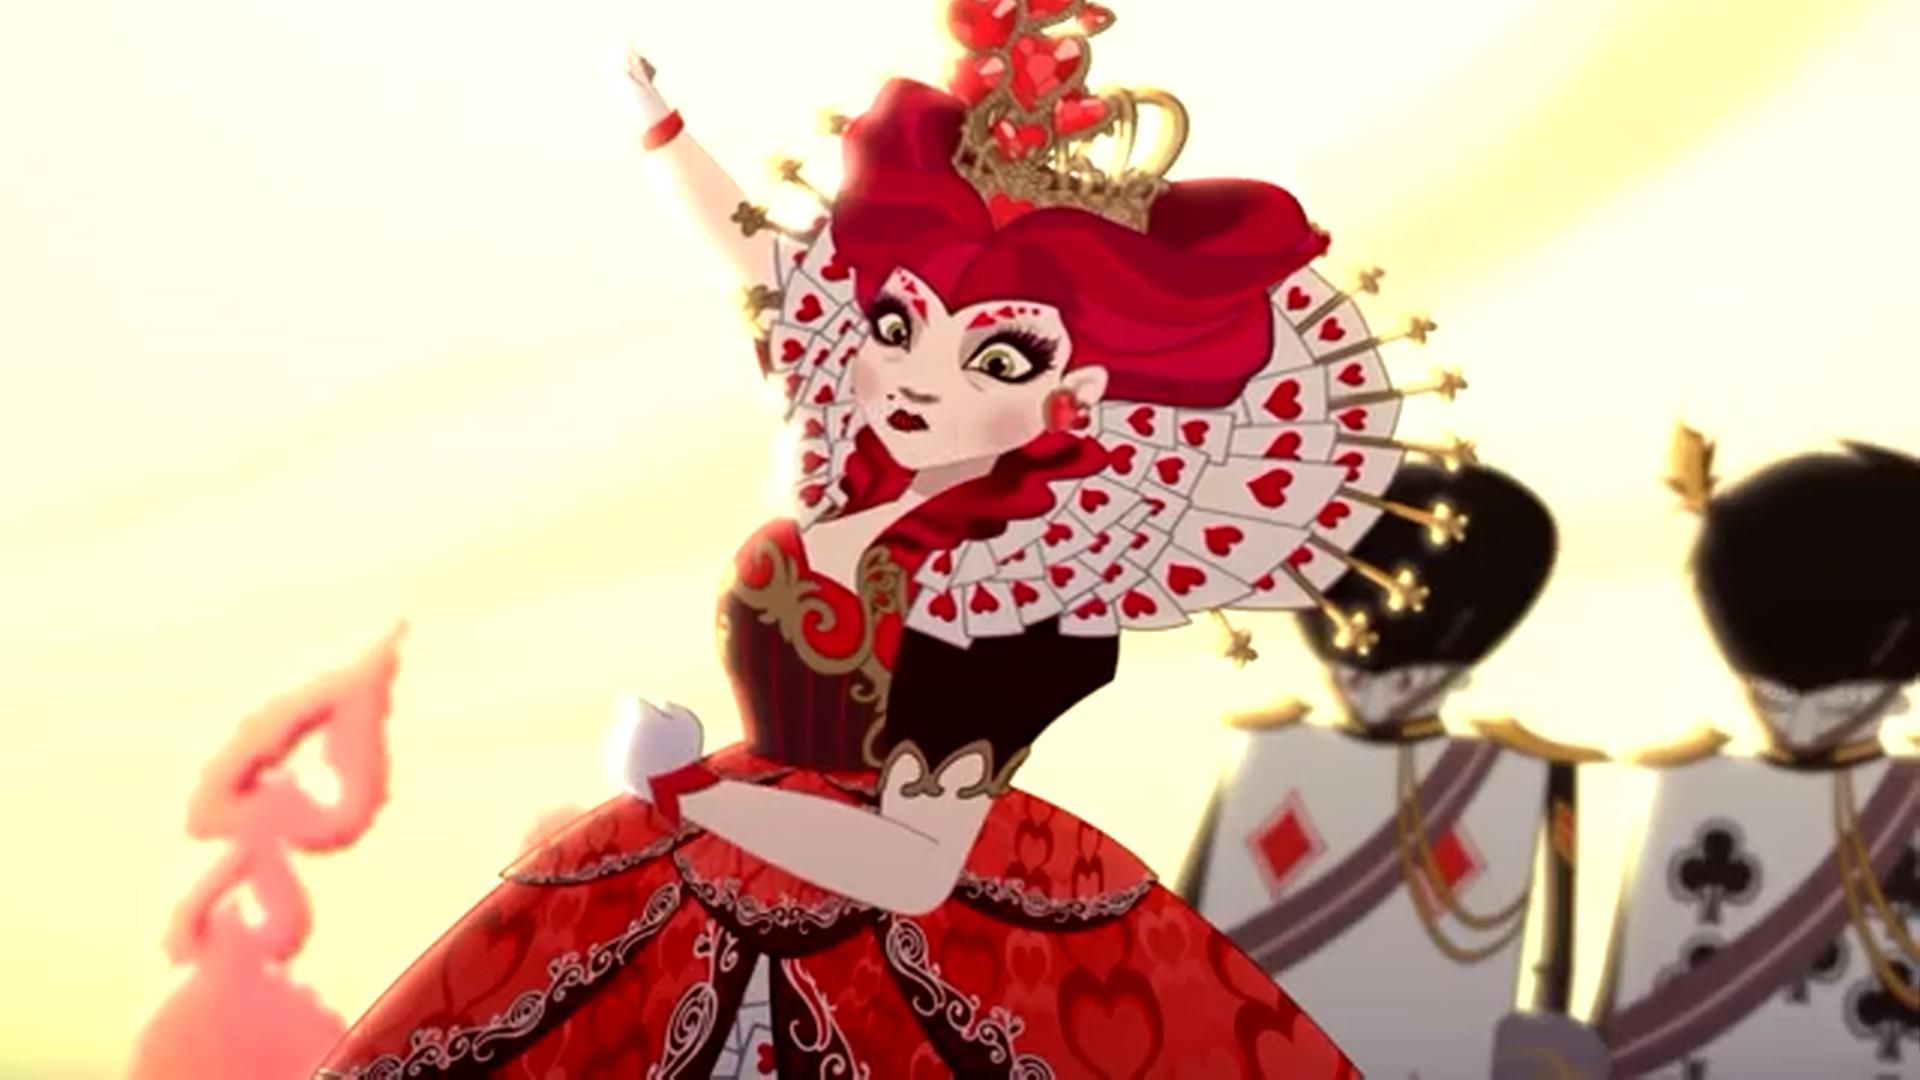 Queen of Hearts Wallpaper (64+ images)